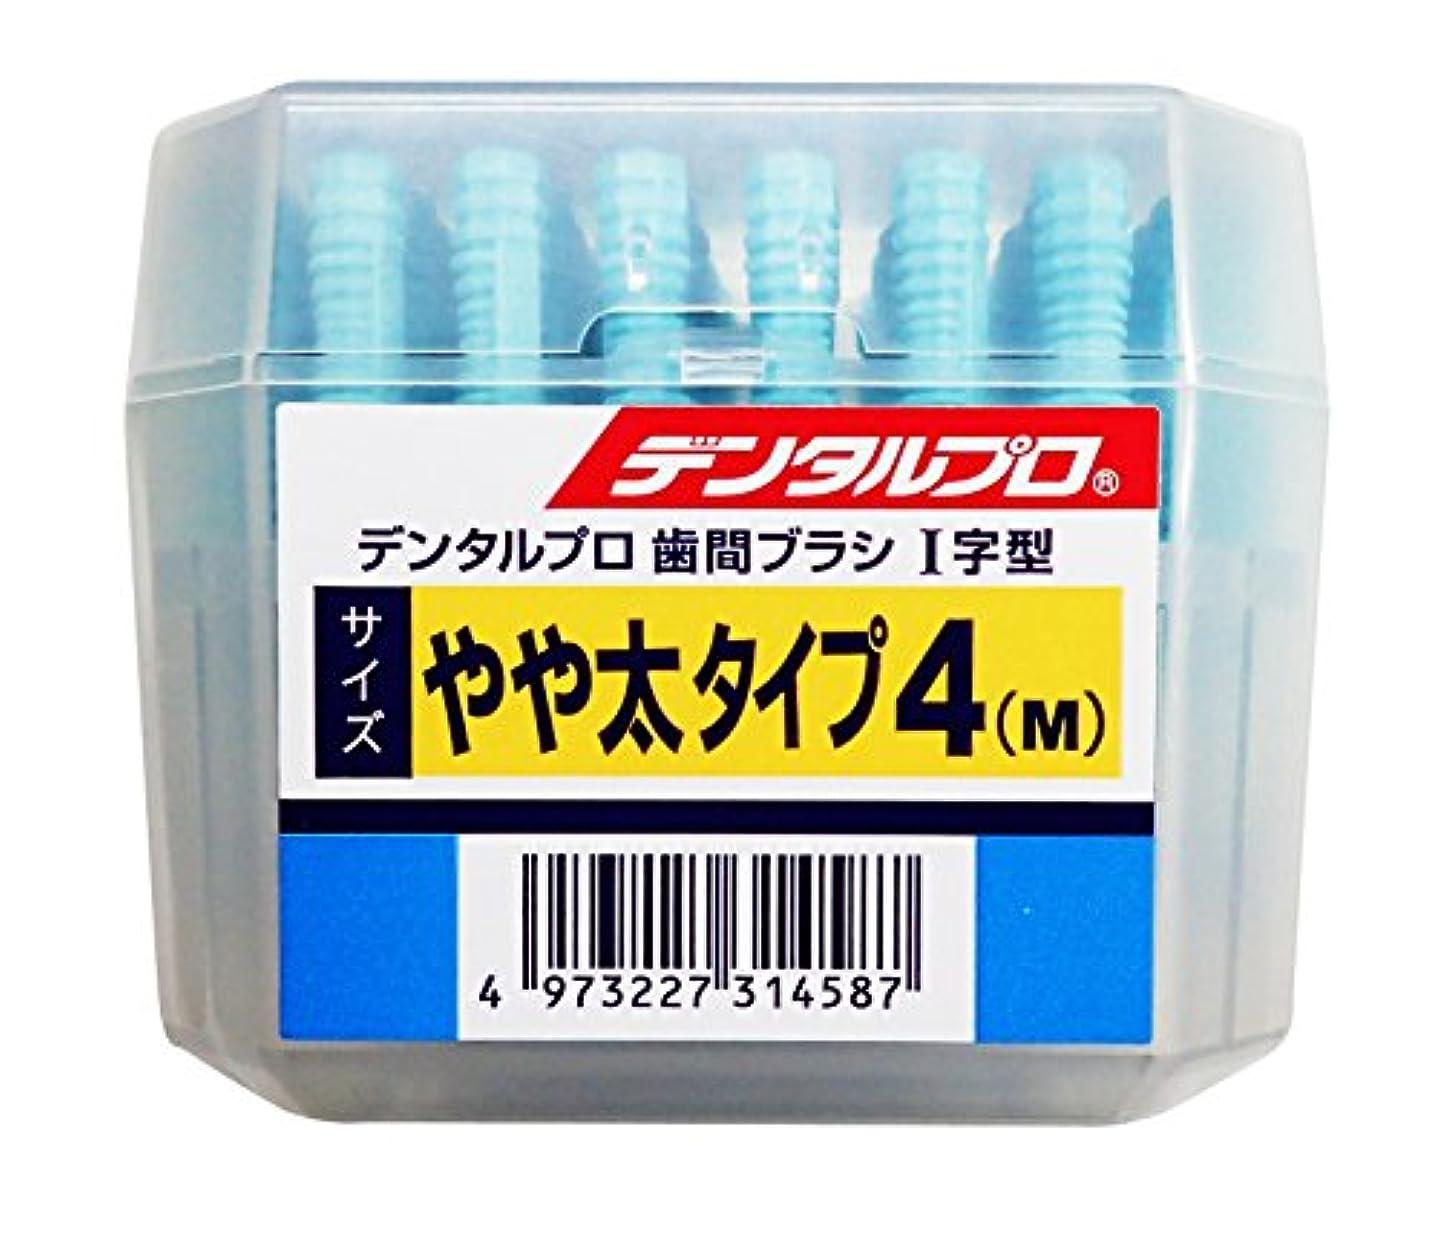 暴行金額静脈デンタルプロ 歯間ブラシ<I字型> サイズ4(M) 50本